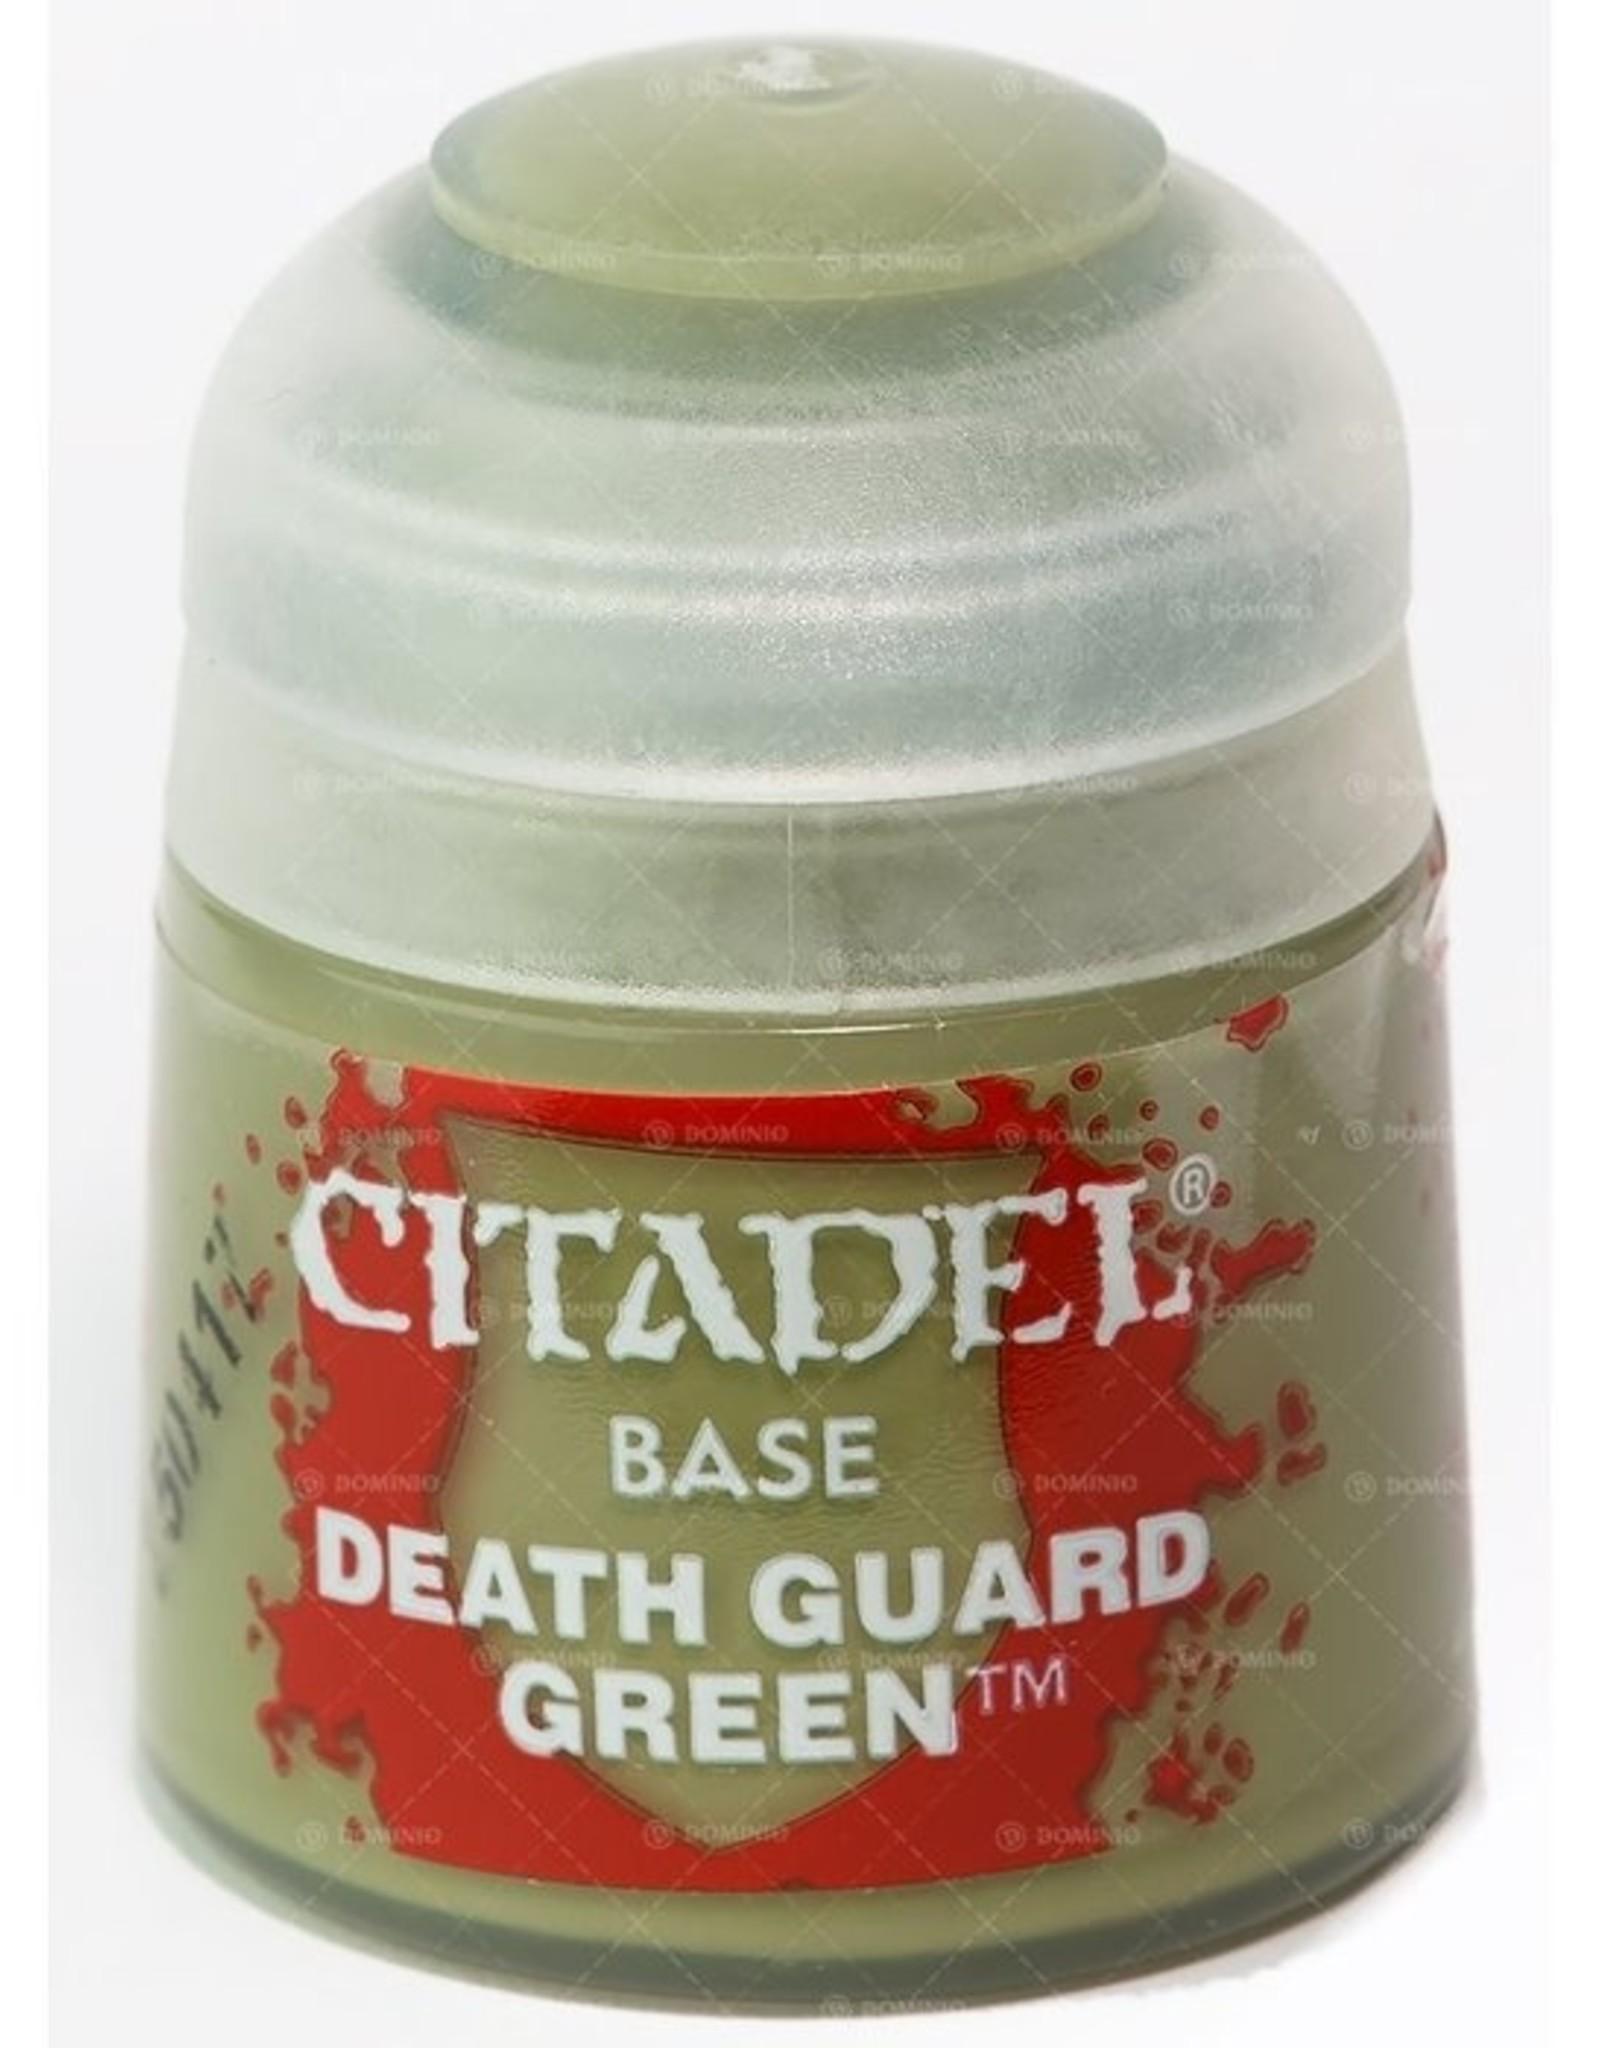 Citadel Citadel Base: Death Guard Green (12ml)